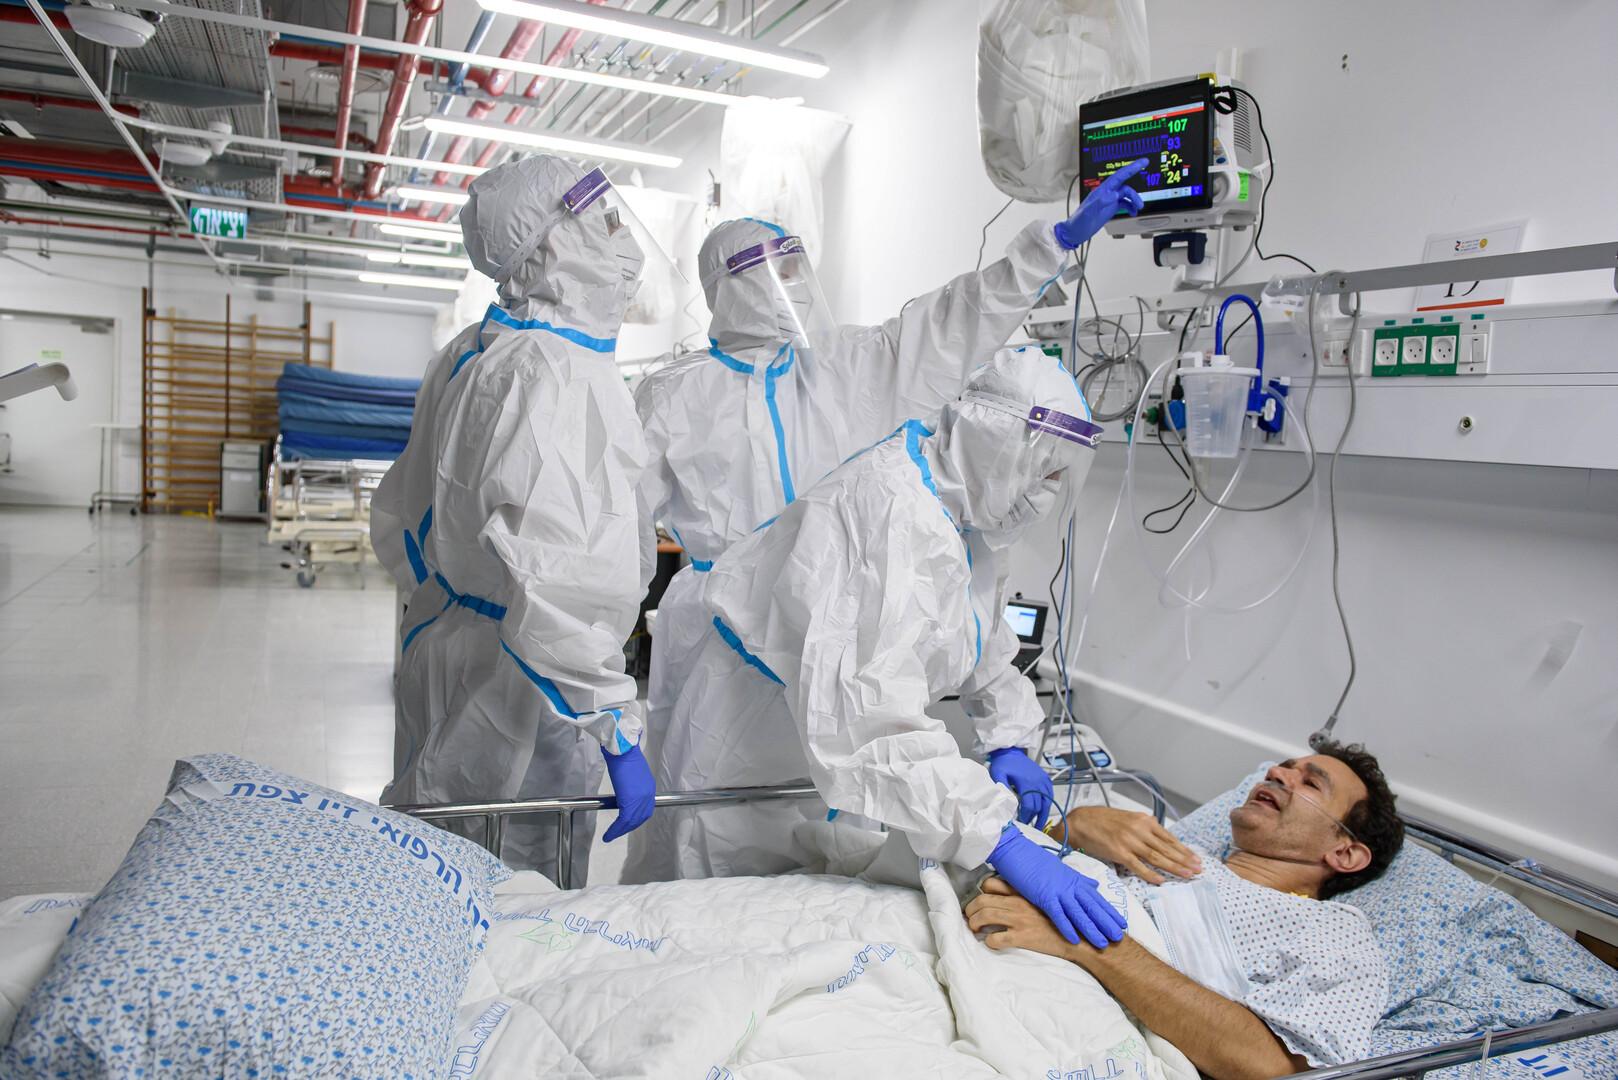 لأول مرة.. أكثر من 30 ألف حالة نشطة بفيروس كورونا في إسرائيل